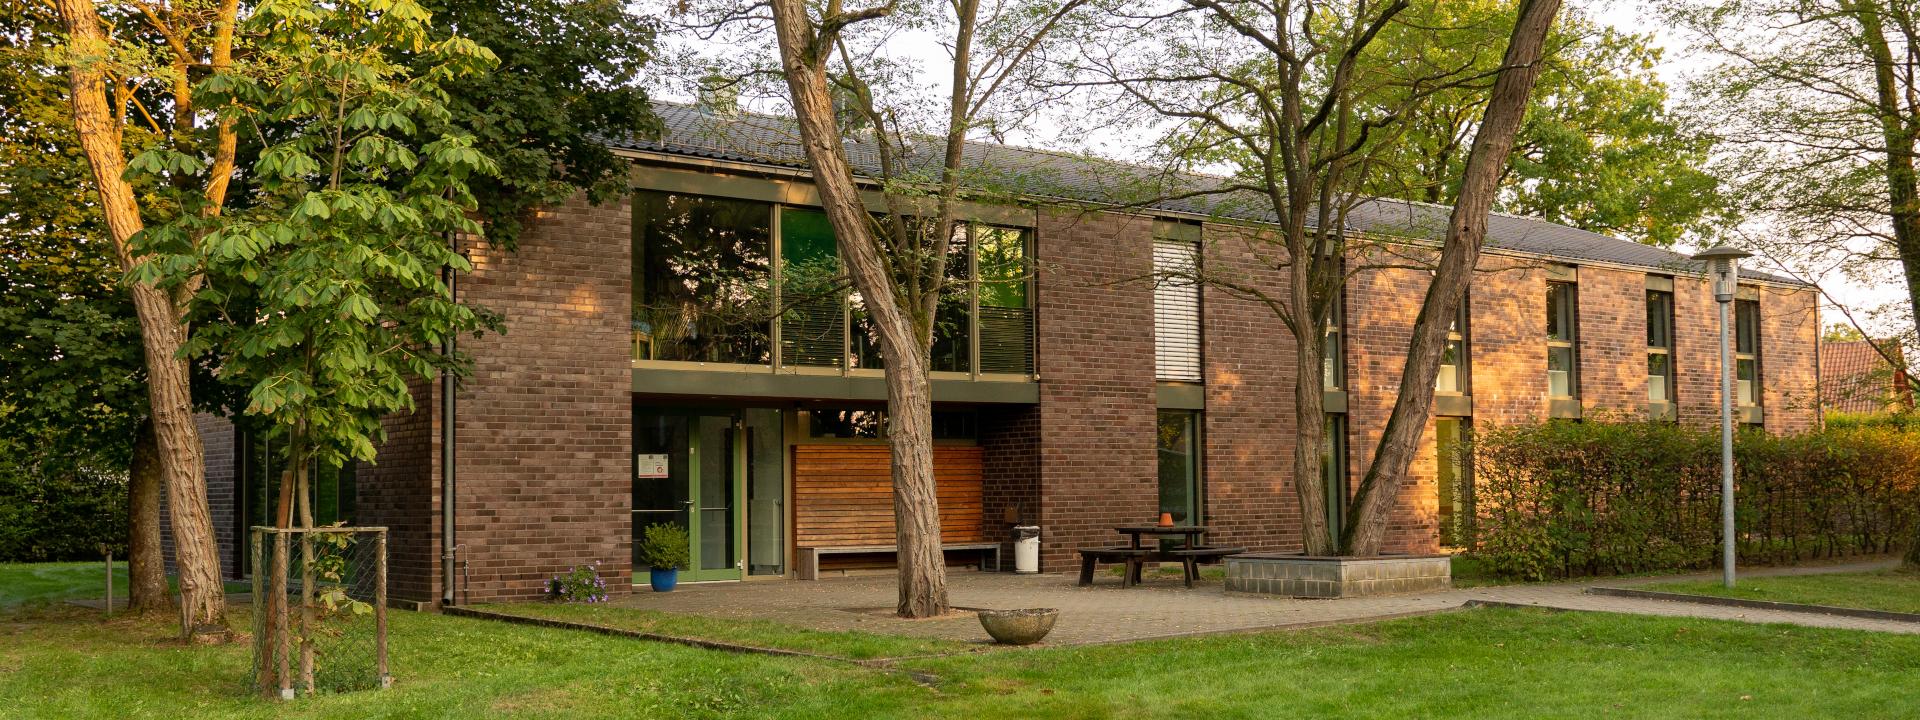 Seminarhaus von außen